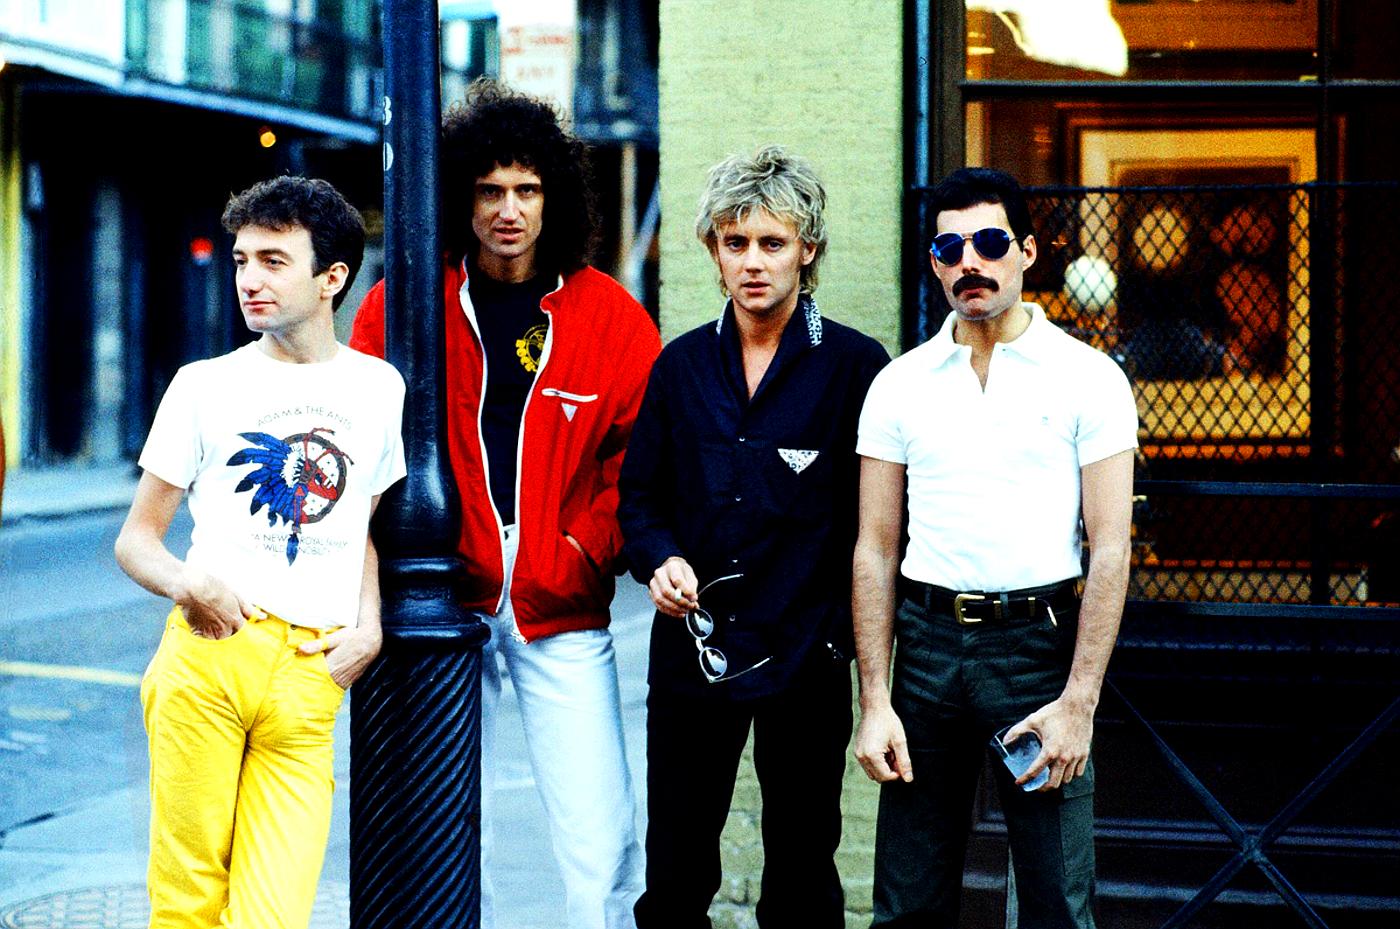 queen-in-new-orleans-1981.jpg